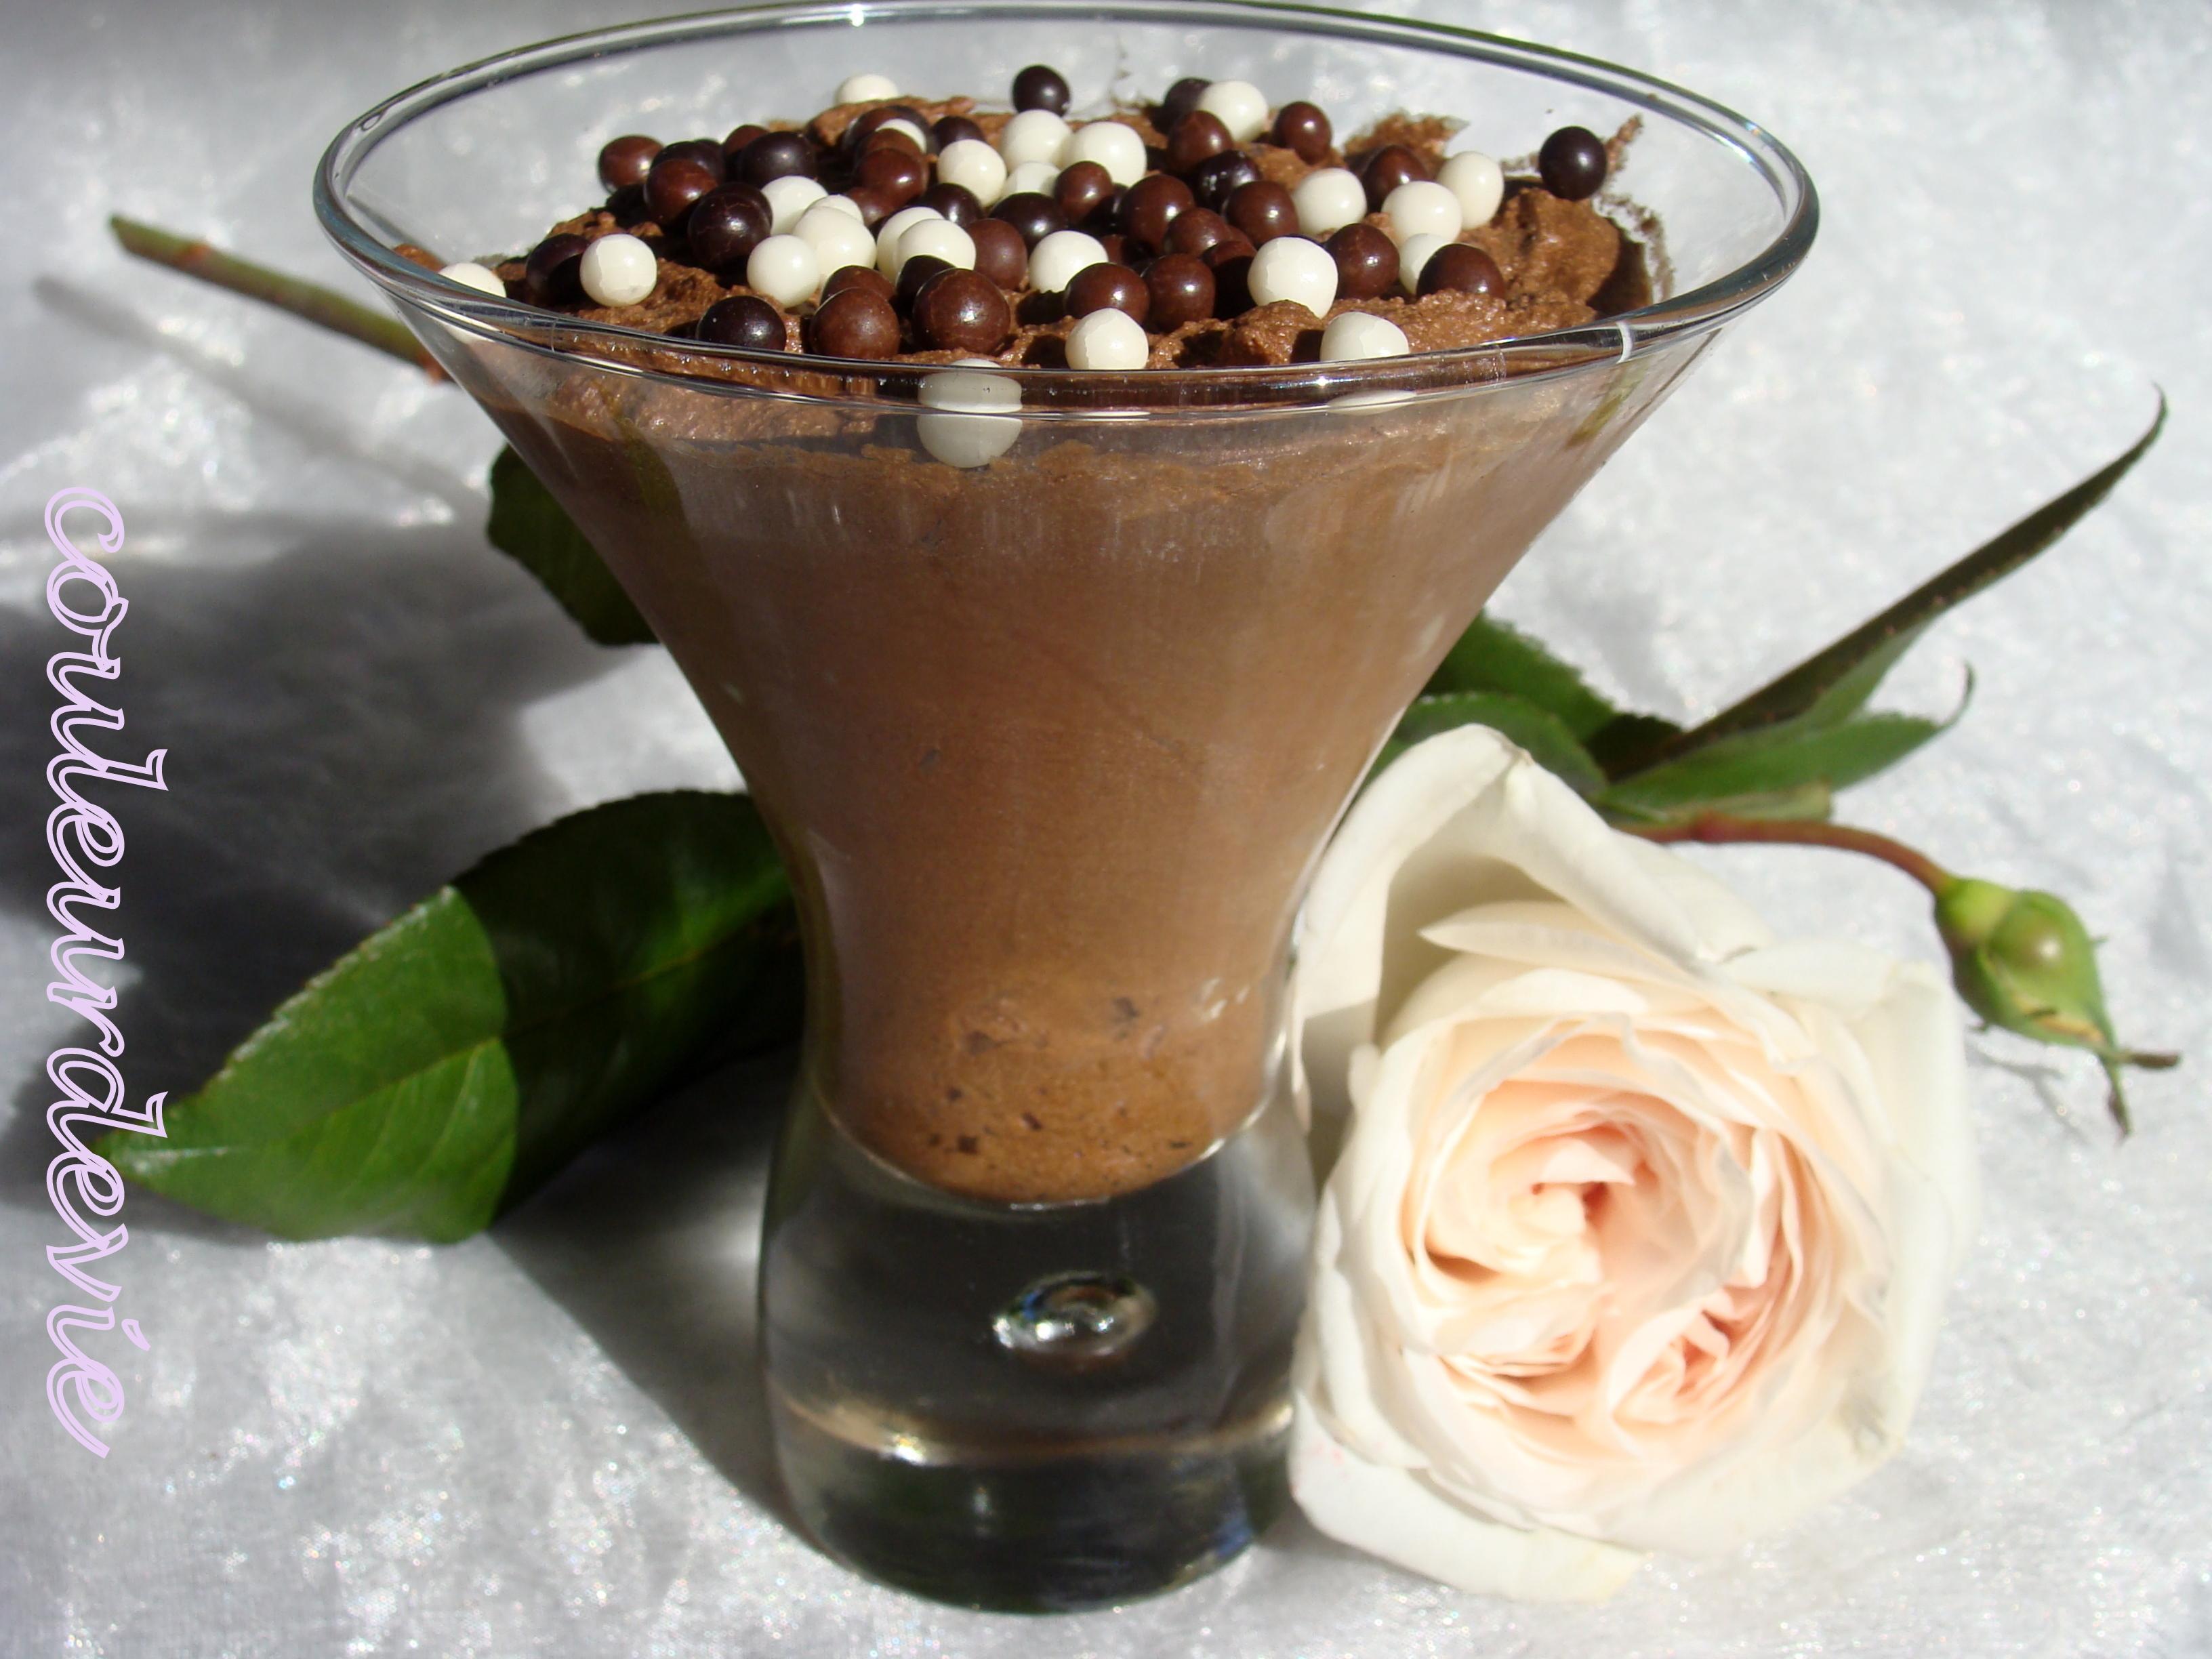 Mousse au chocolat de pierre herm couleurdevie for Mousse au chocolat pierre herme